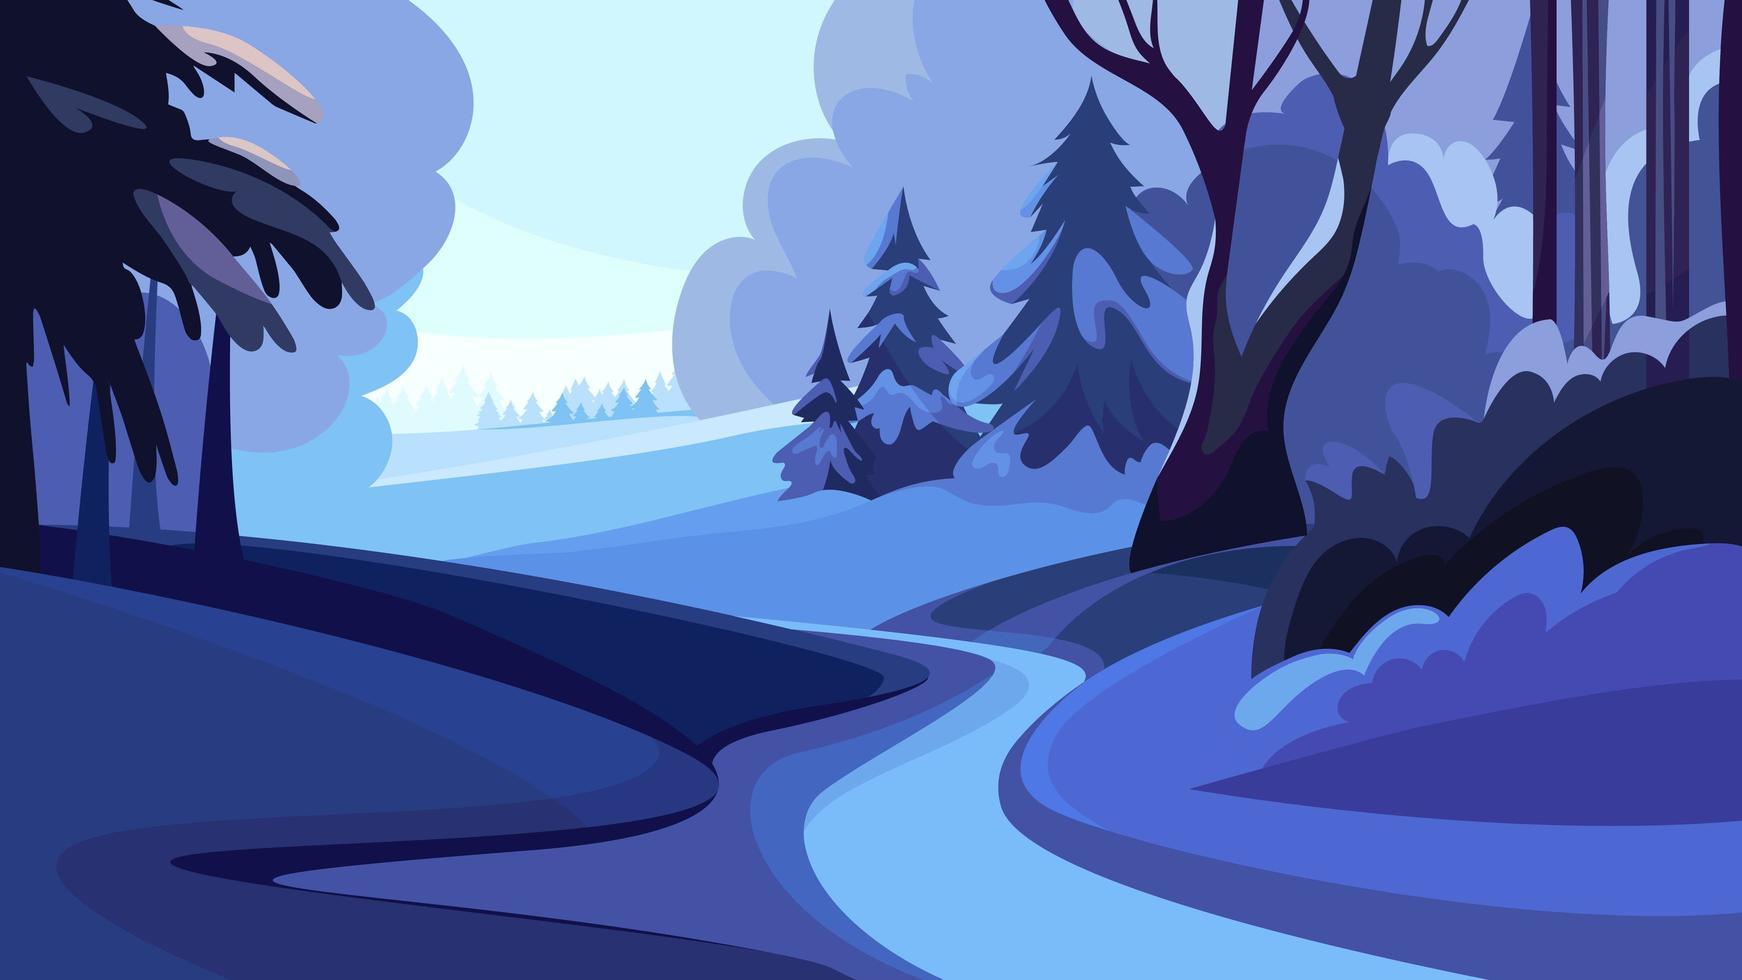 estrada na floresta de inverno ao pôr do sol. vetor